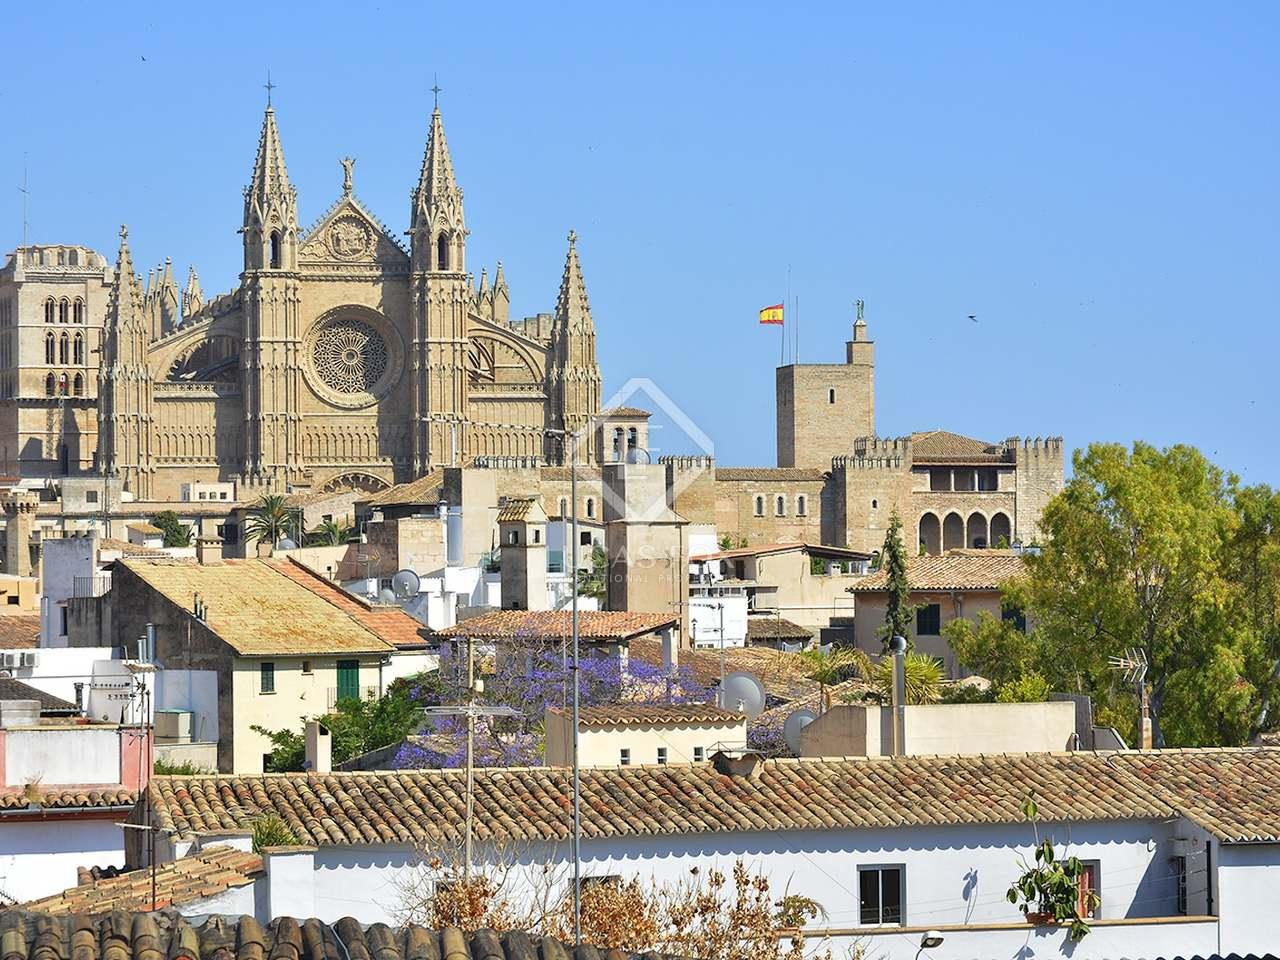 Appartement en vente dans la vieille ville de Palma de Majorque